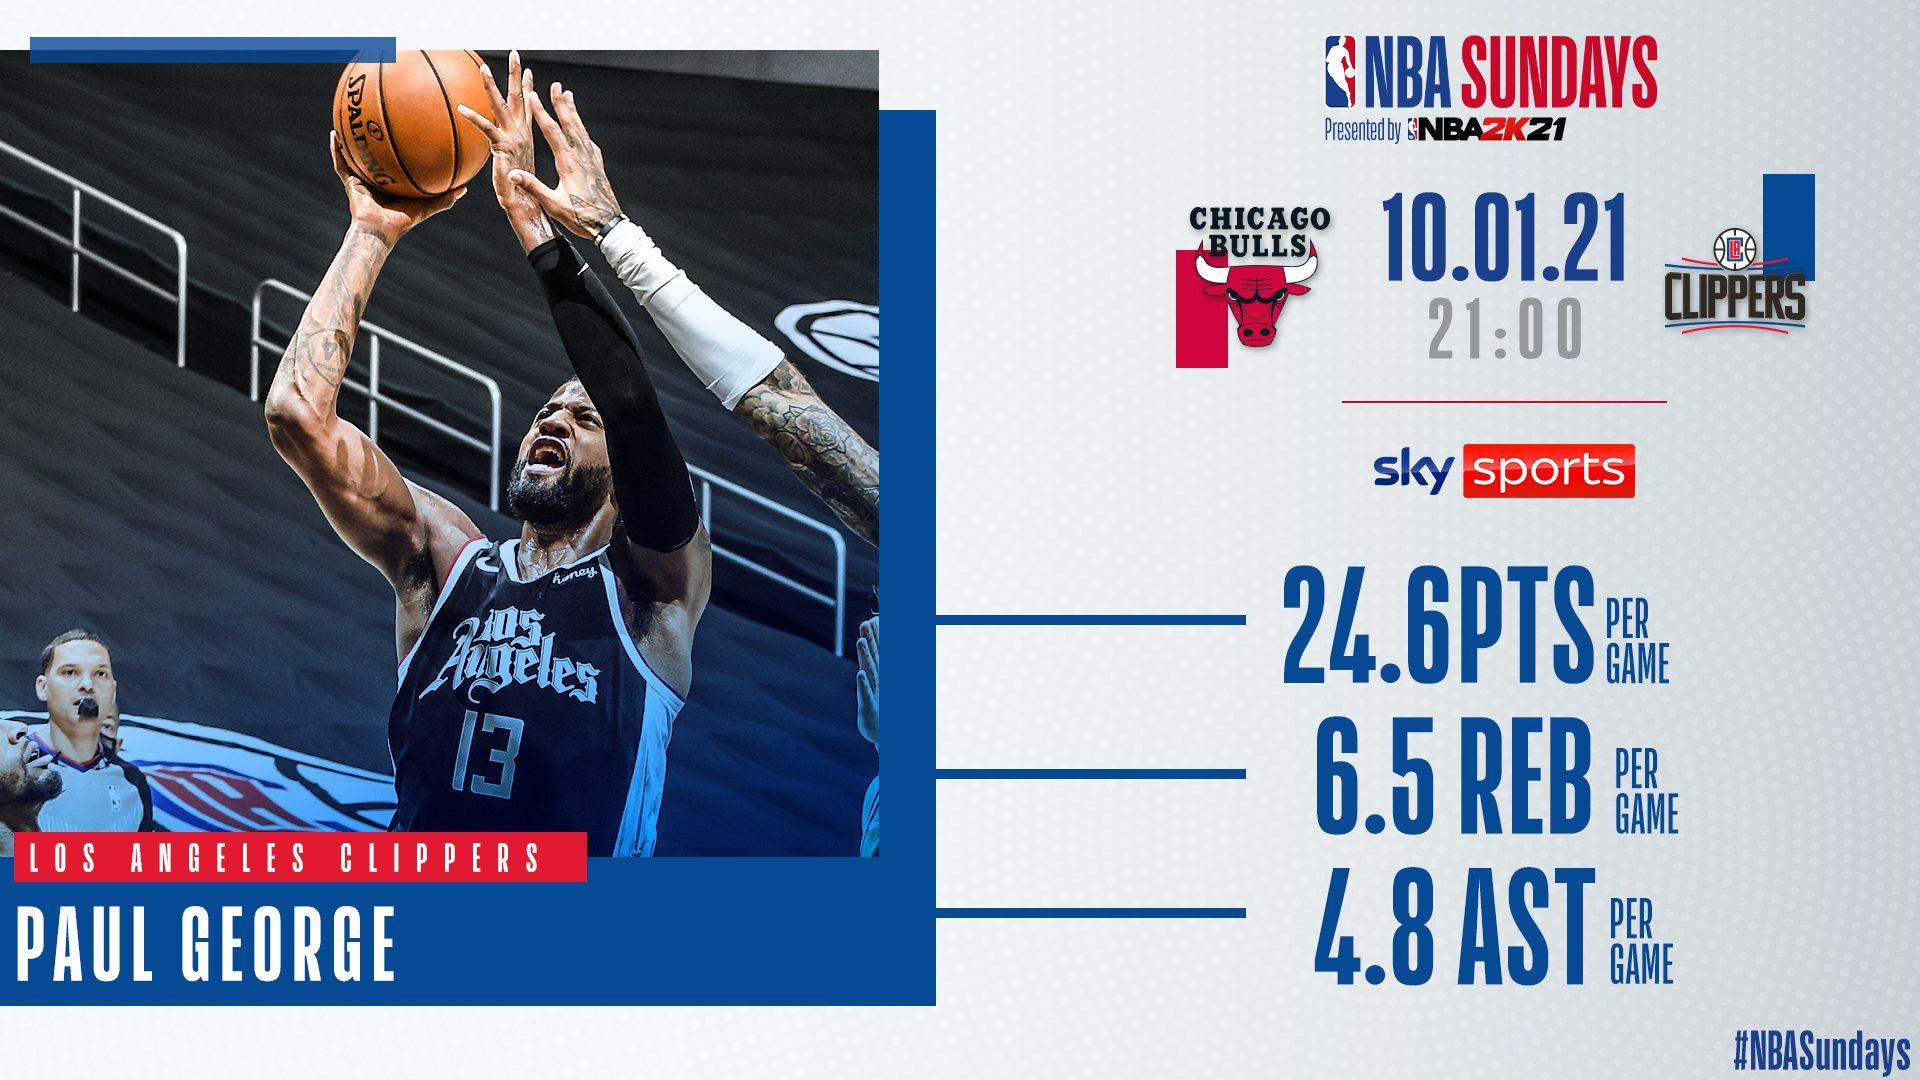 UK_LAC_NBA-SUN_Player-Stats_GW3_16x9